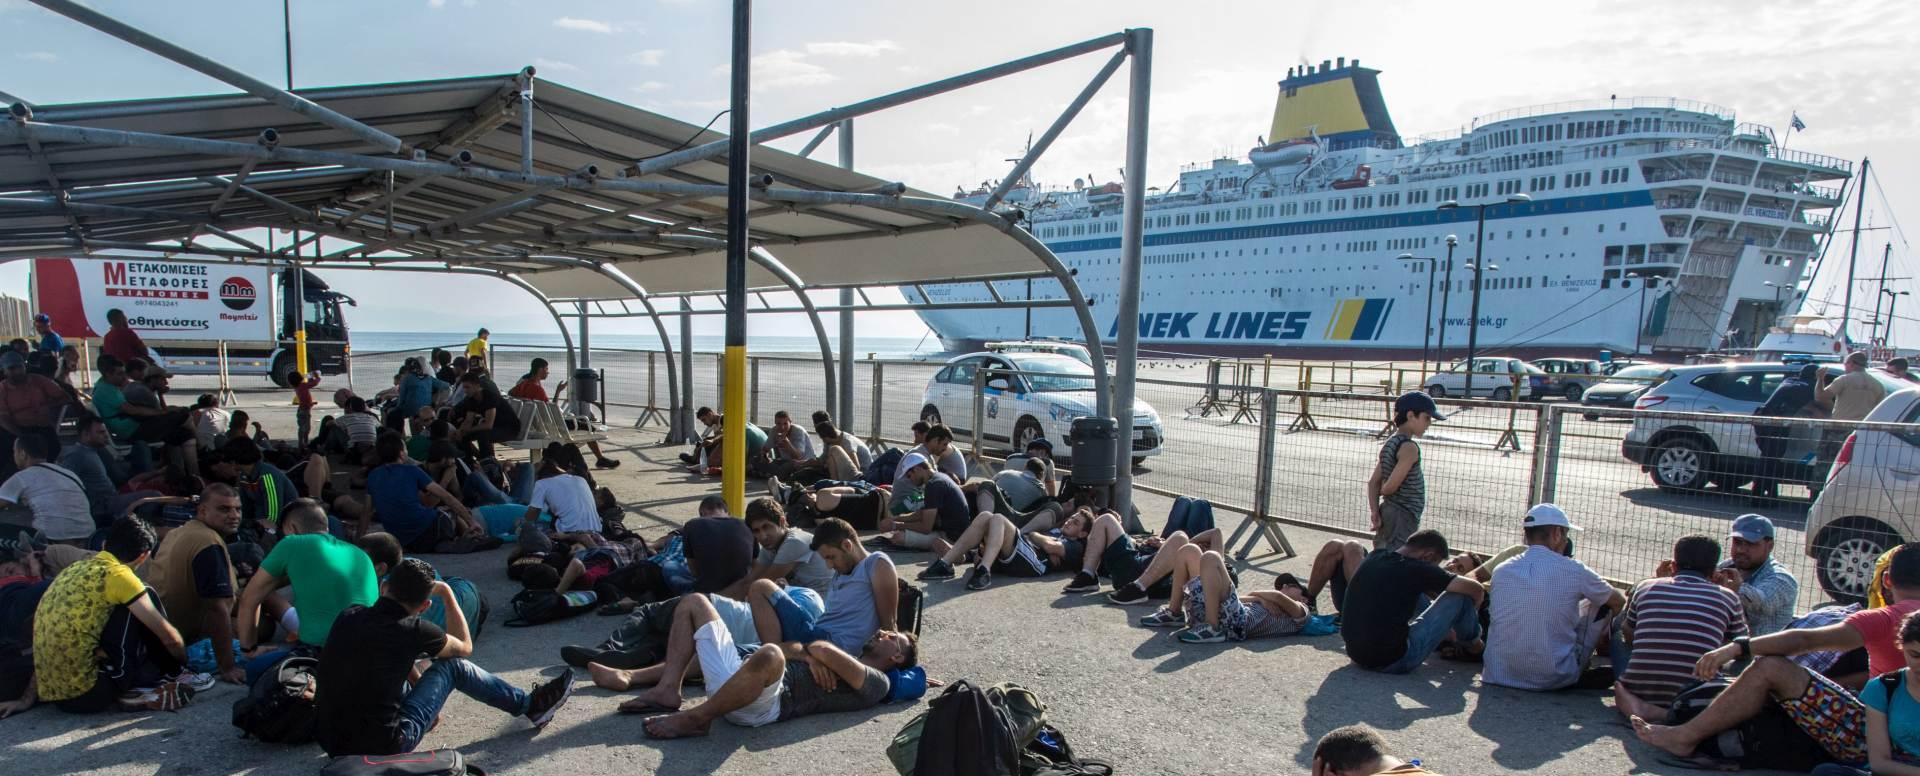 POKUŠAJ UVOĐENJA REDA: Grčka ukrcava izbjegle Sirijce na brod